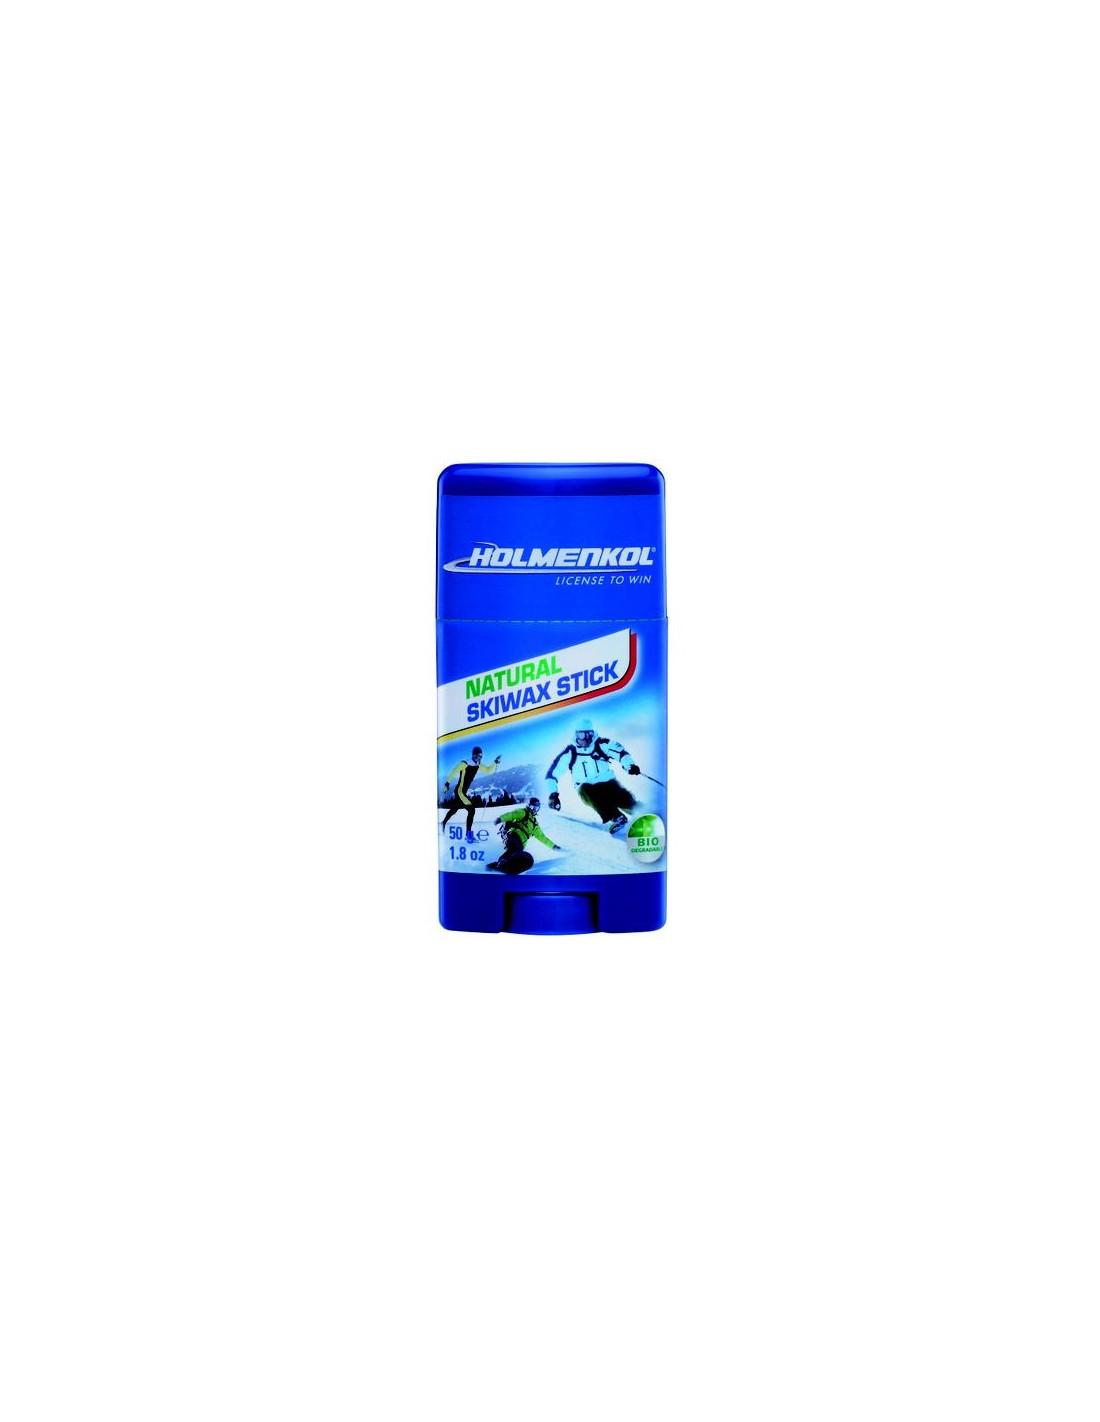 Holmenkol Natural Skiwax Stick Wachsqualität - Universal/Allroundwachs, Einsatz